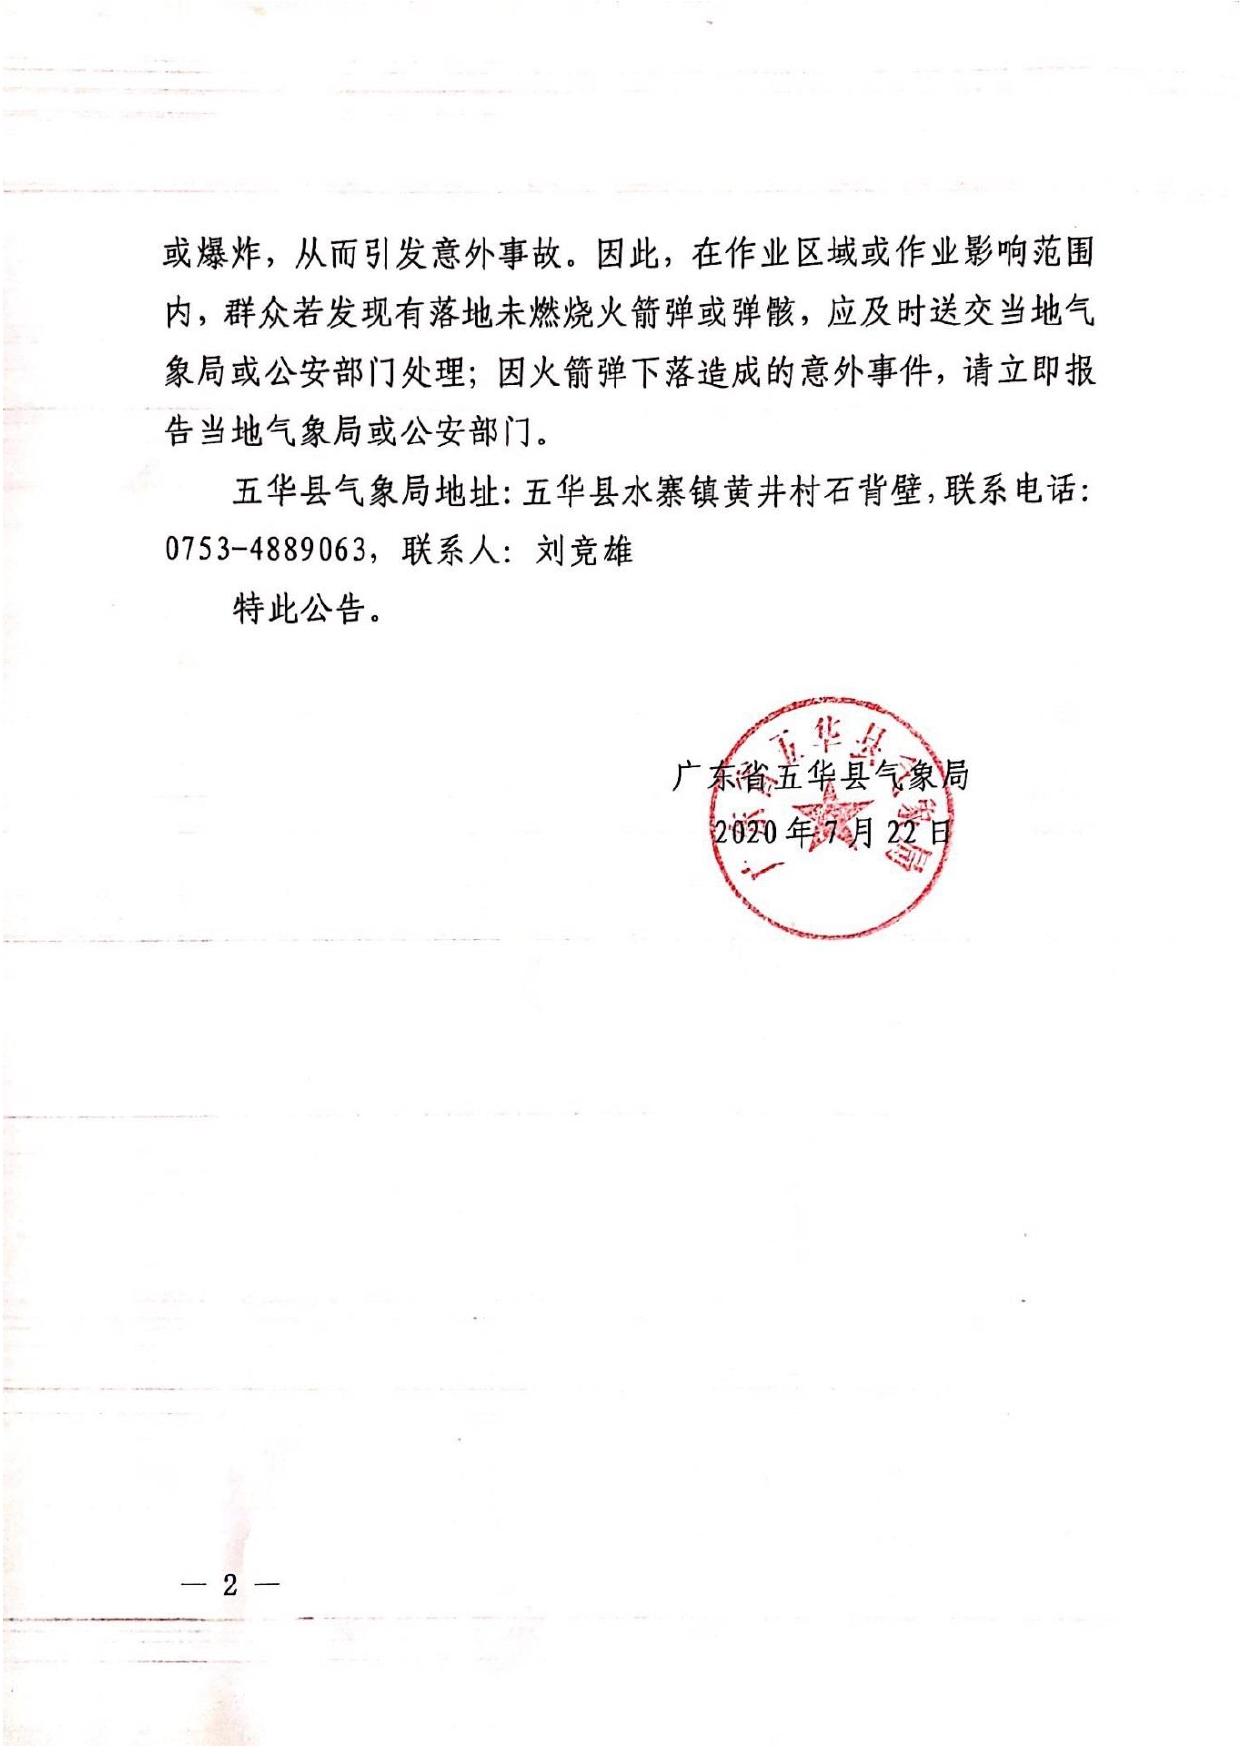 五华县人工影响天气作业公告20200001.jpg